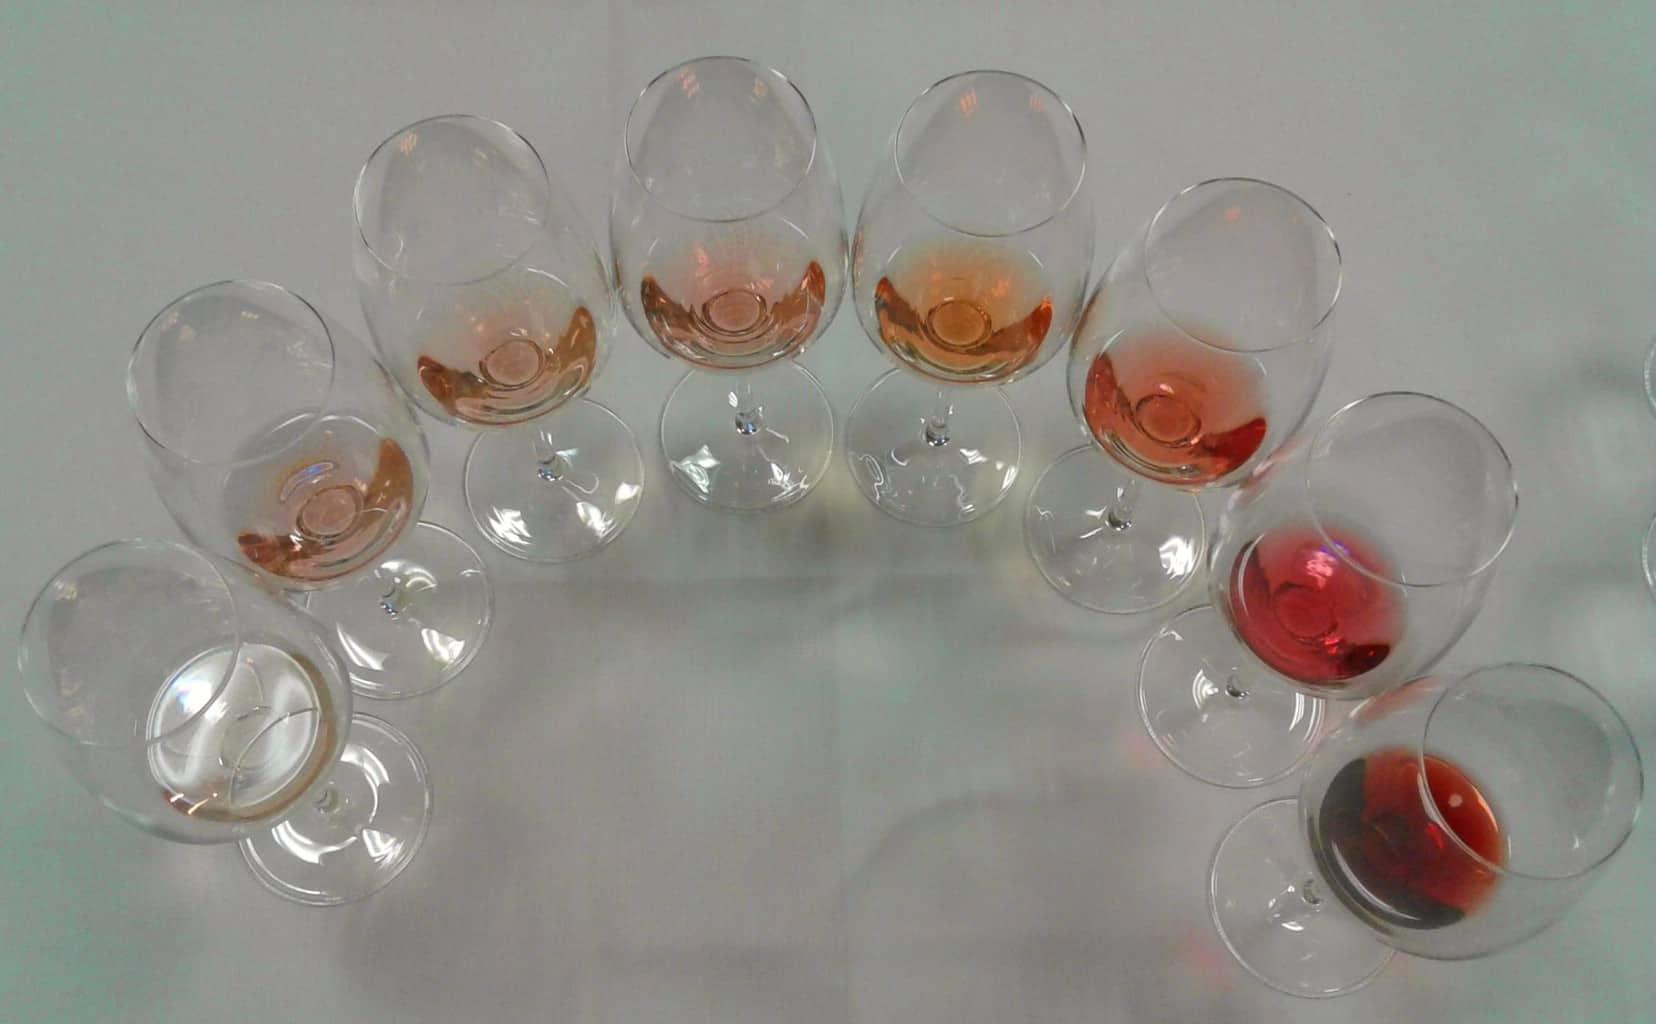 Degustazione cromatica, dal rosa più tenue al più intenso, durante la presentazione della Guida Slow Wine I Migliori 100 Vini d'Italia, a Vinitaly 2019